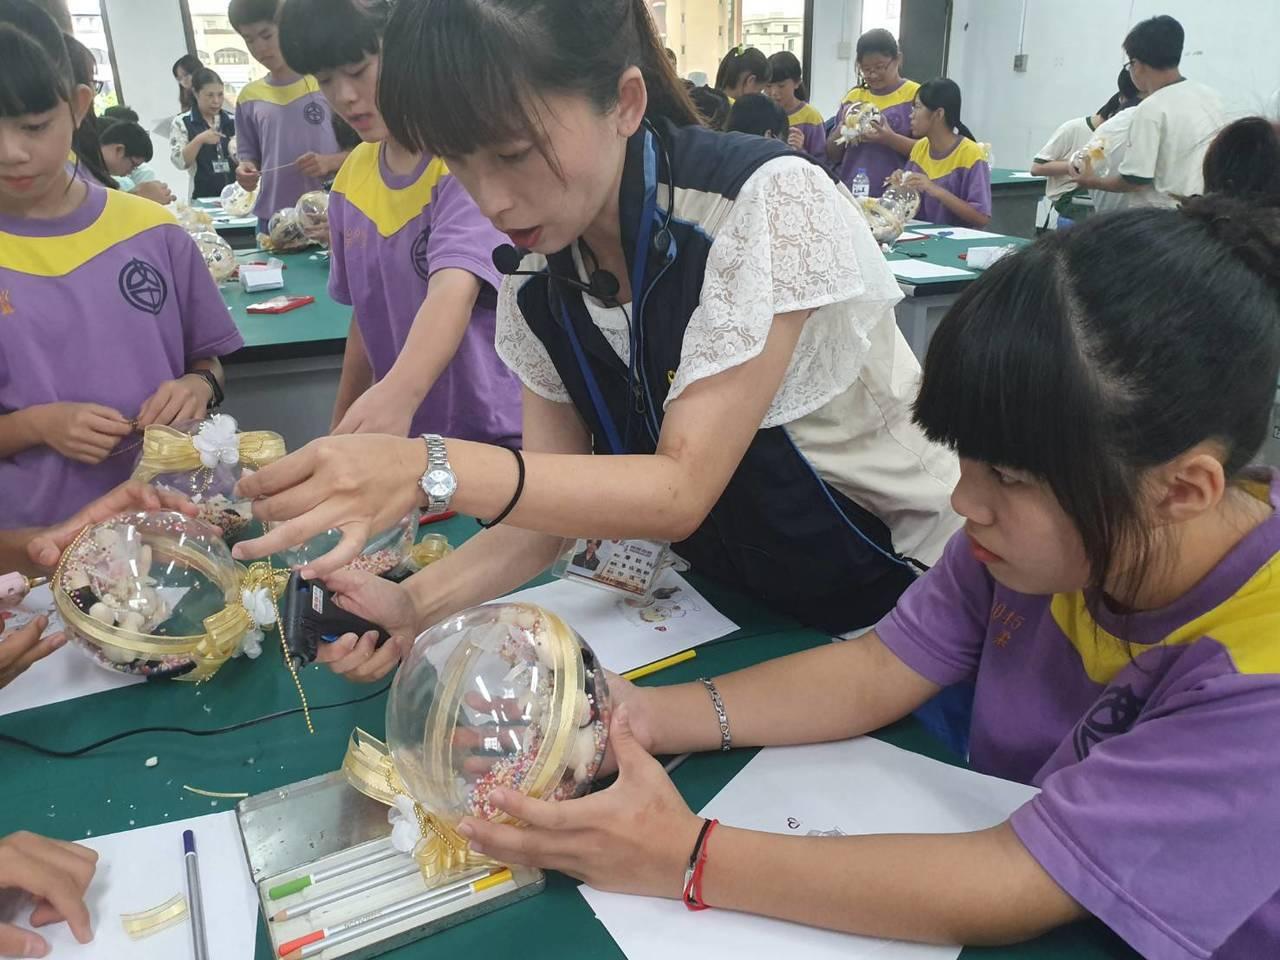 暑假育樂營超夯 推出製作可愛水晶球、學指甲彩繪